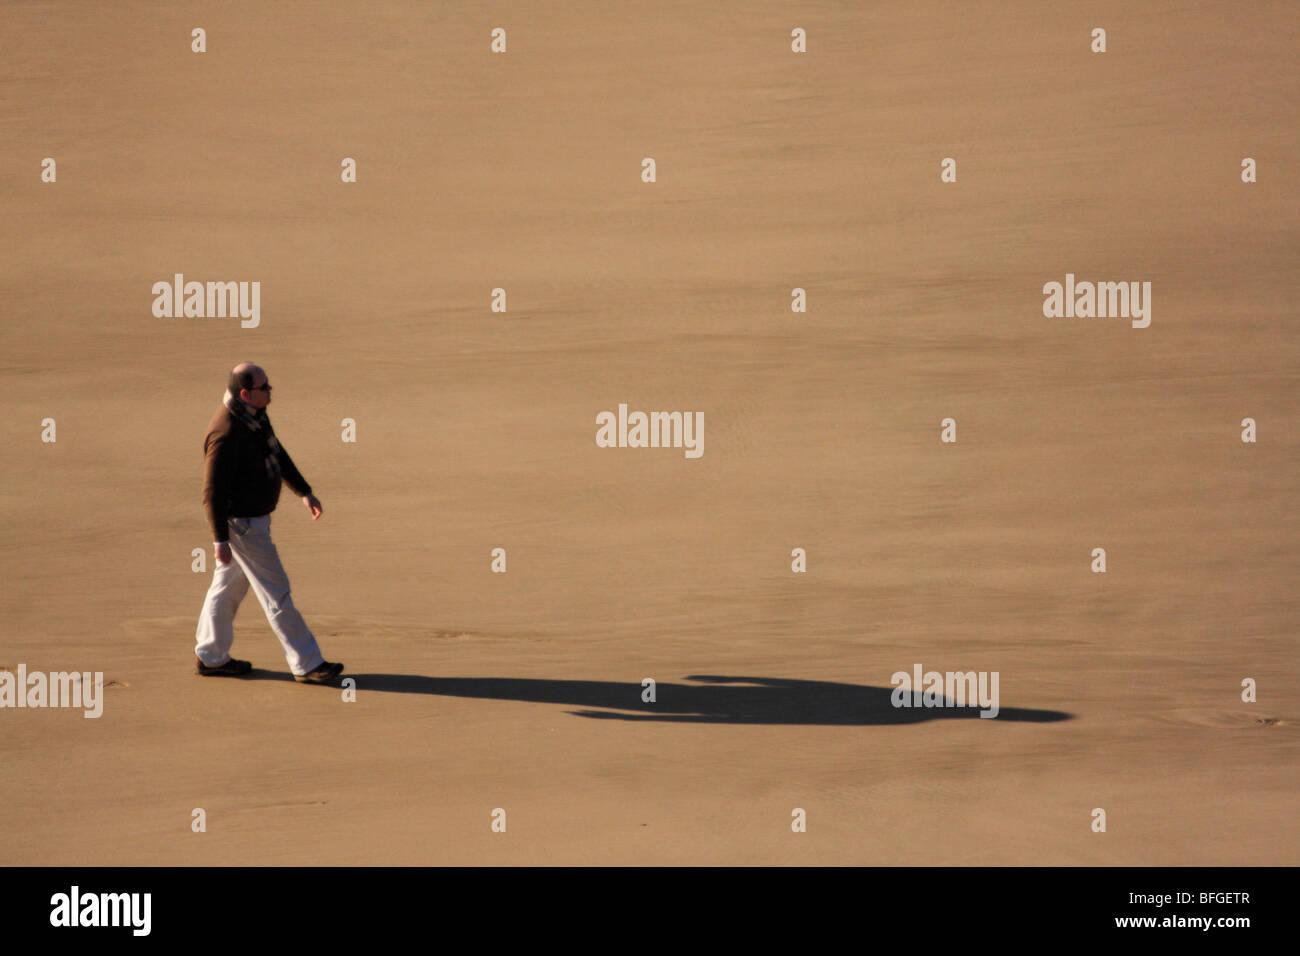 Einzigen Mann zu Fuß entlang ein Sandstrand, von oben betrachtet, und wirft einen langen Schatten Stockbild